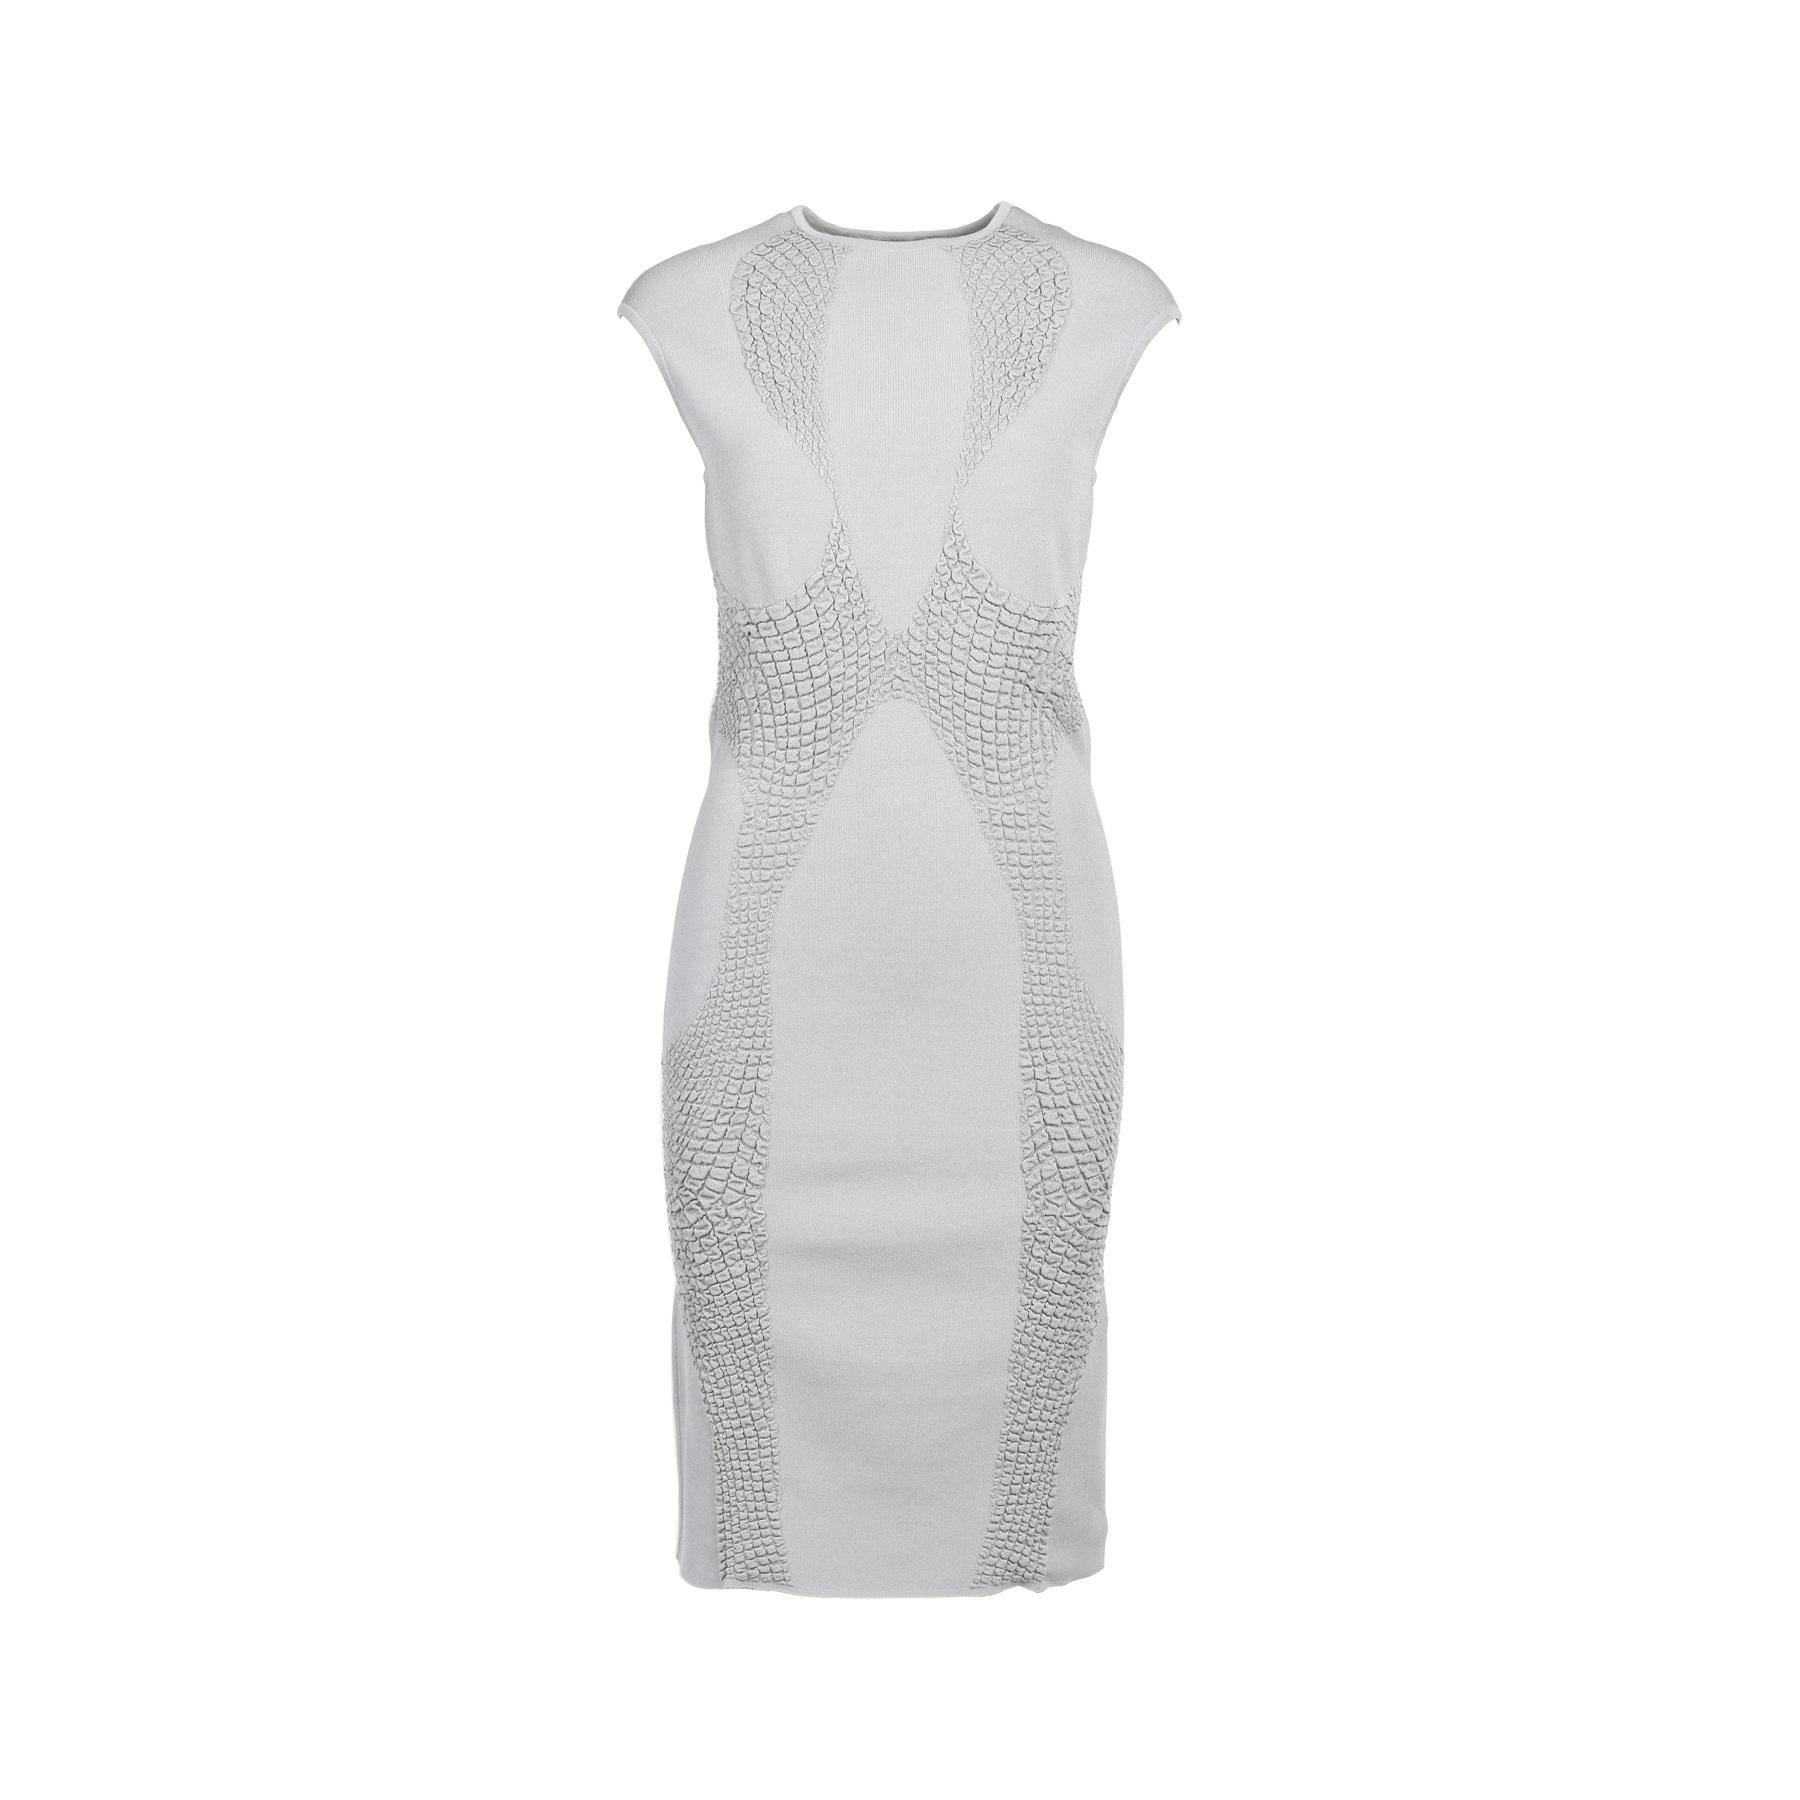 2aa1b117b5e Authentic Second Hand Alexander McQueen Knit Dress (PSS-493-00011 ...